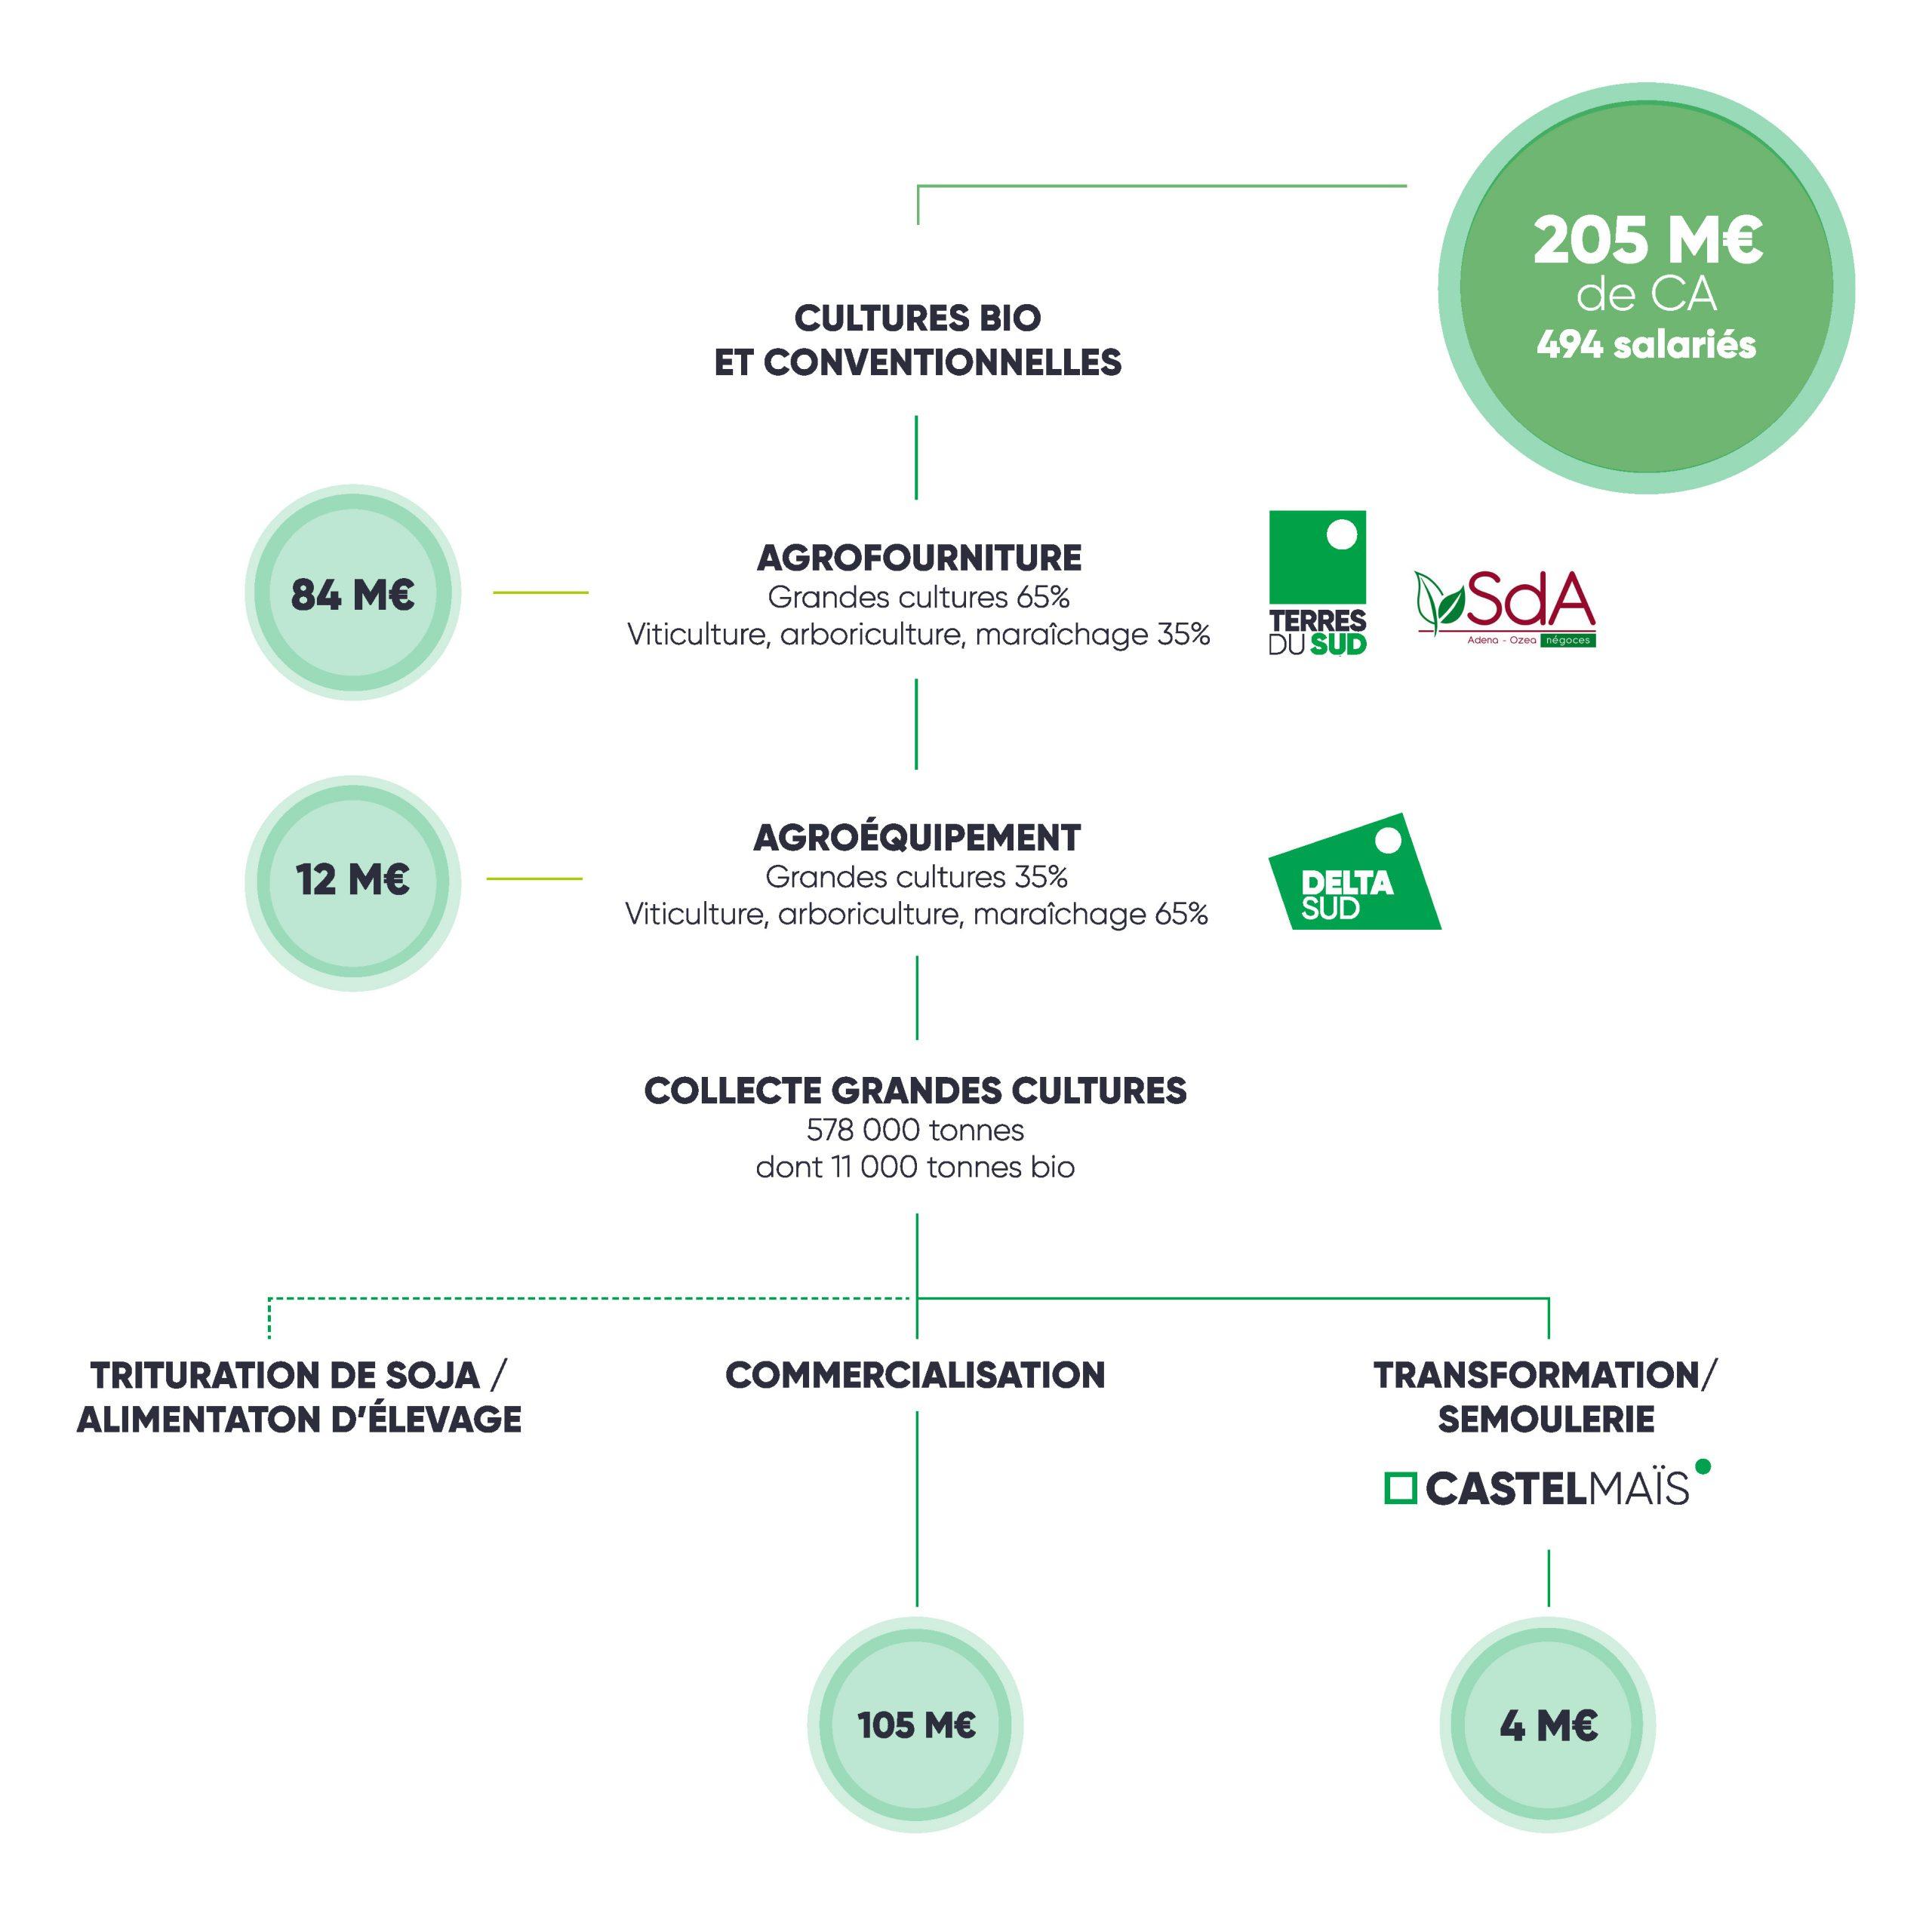 Schéma branche Végétale du groupe Terres du Sud, 2019 2020